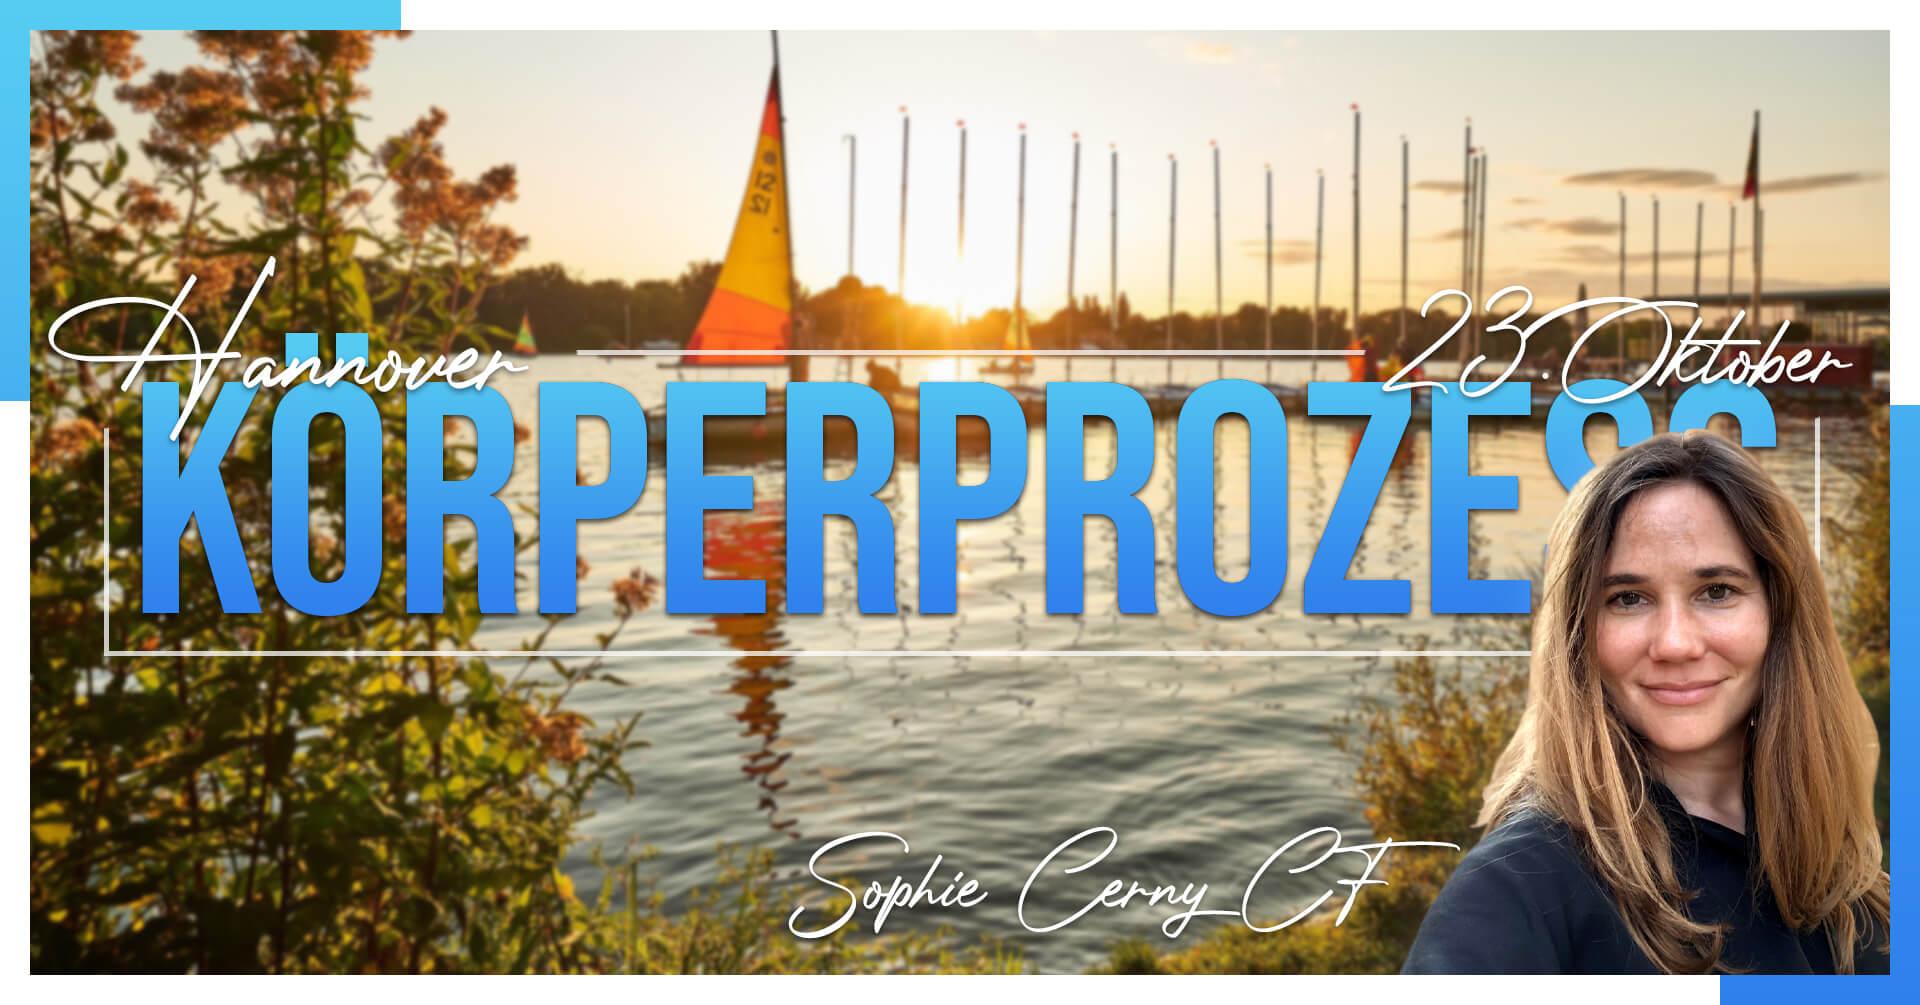 202110_Körperprozess_Hannover